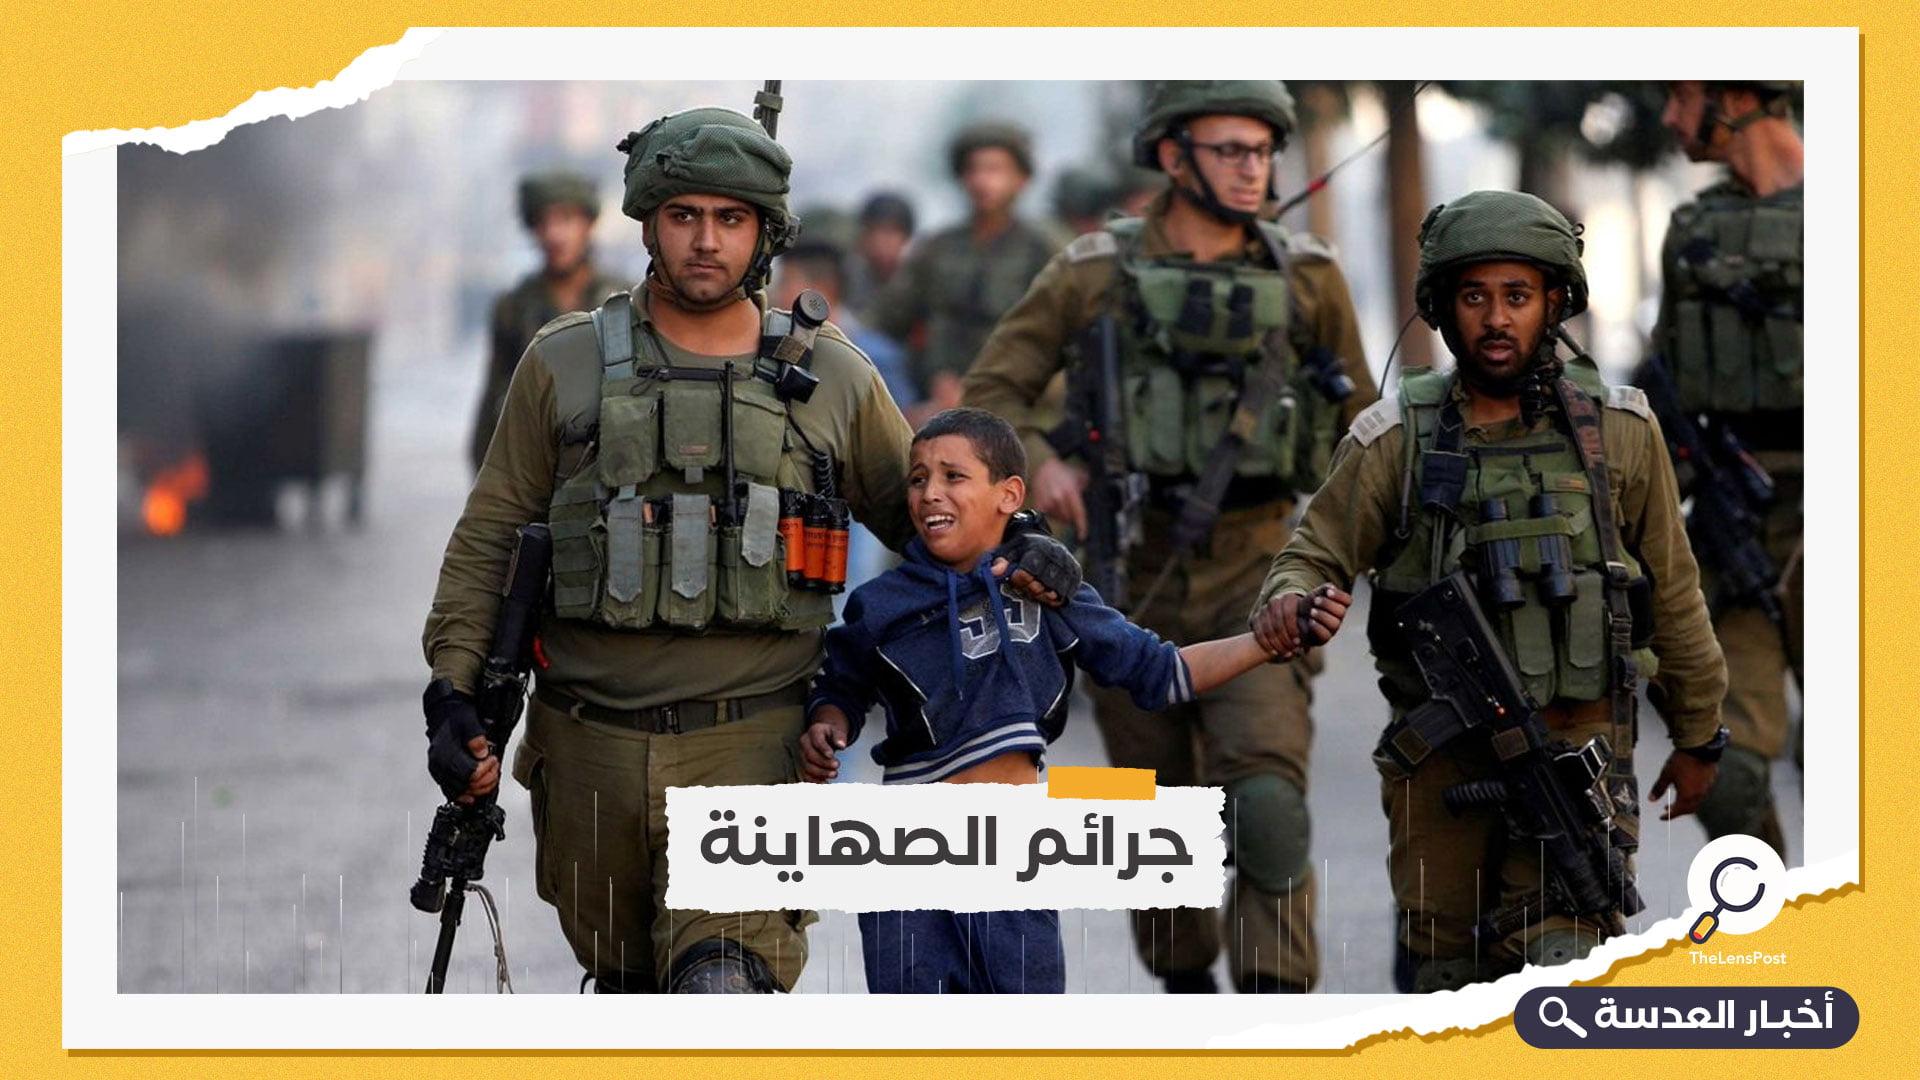 فلسطين تقرر مقاضاة منظمة صهيونية في الجنائية الدولية